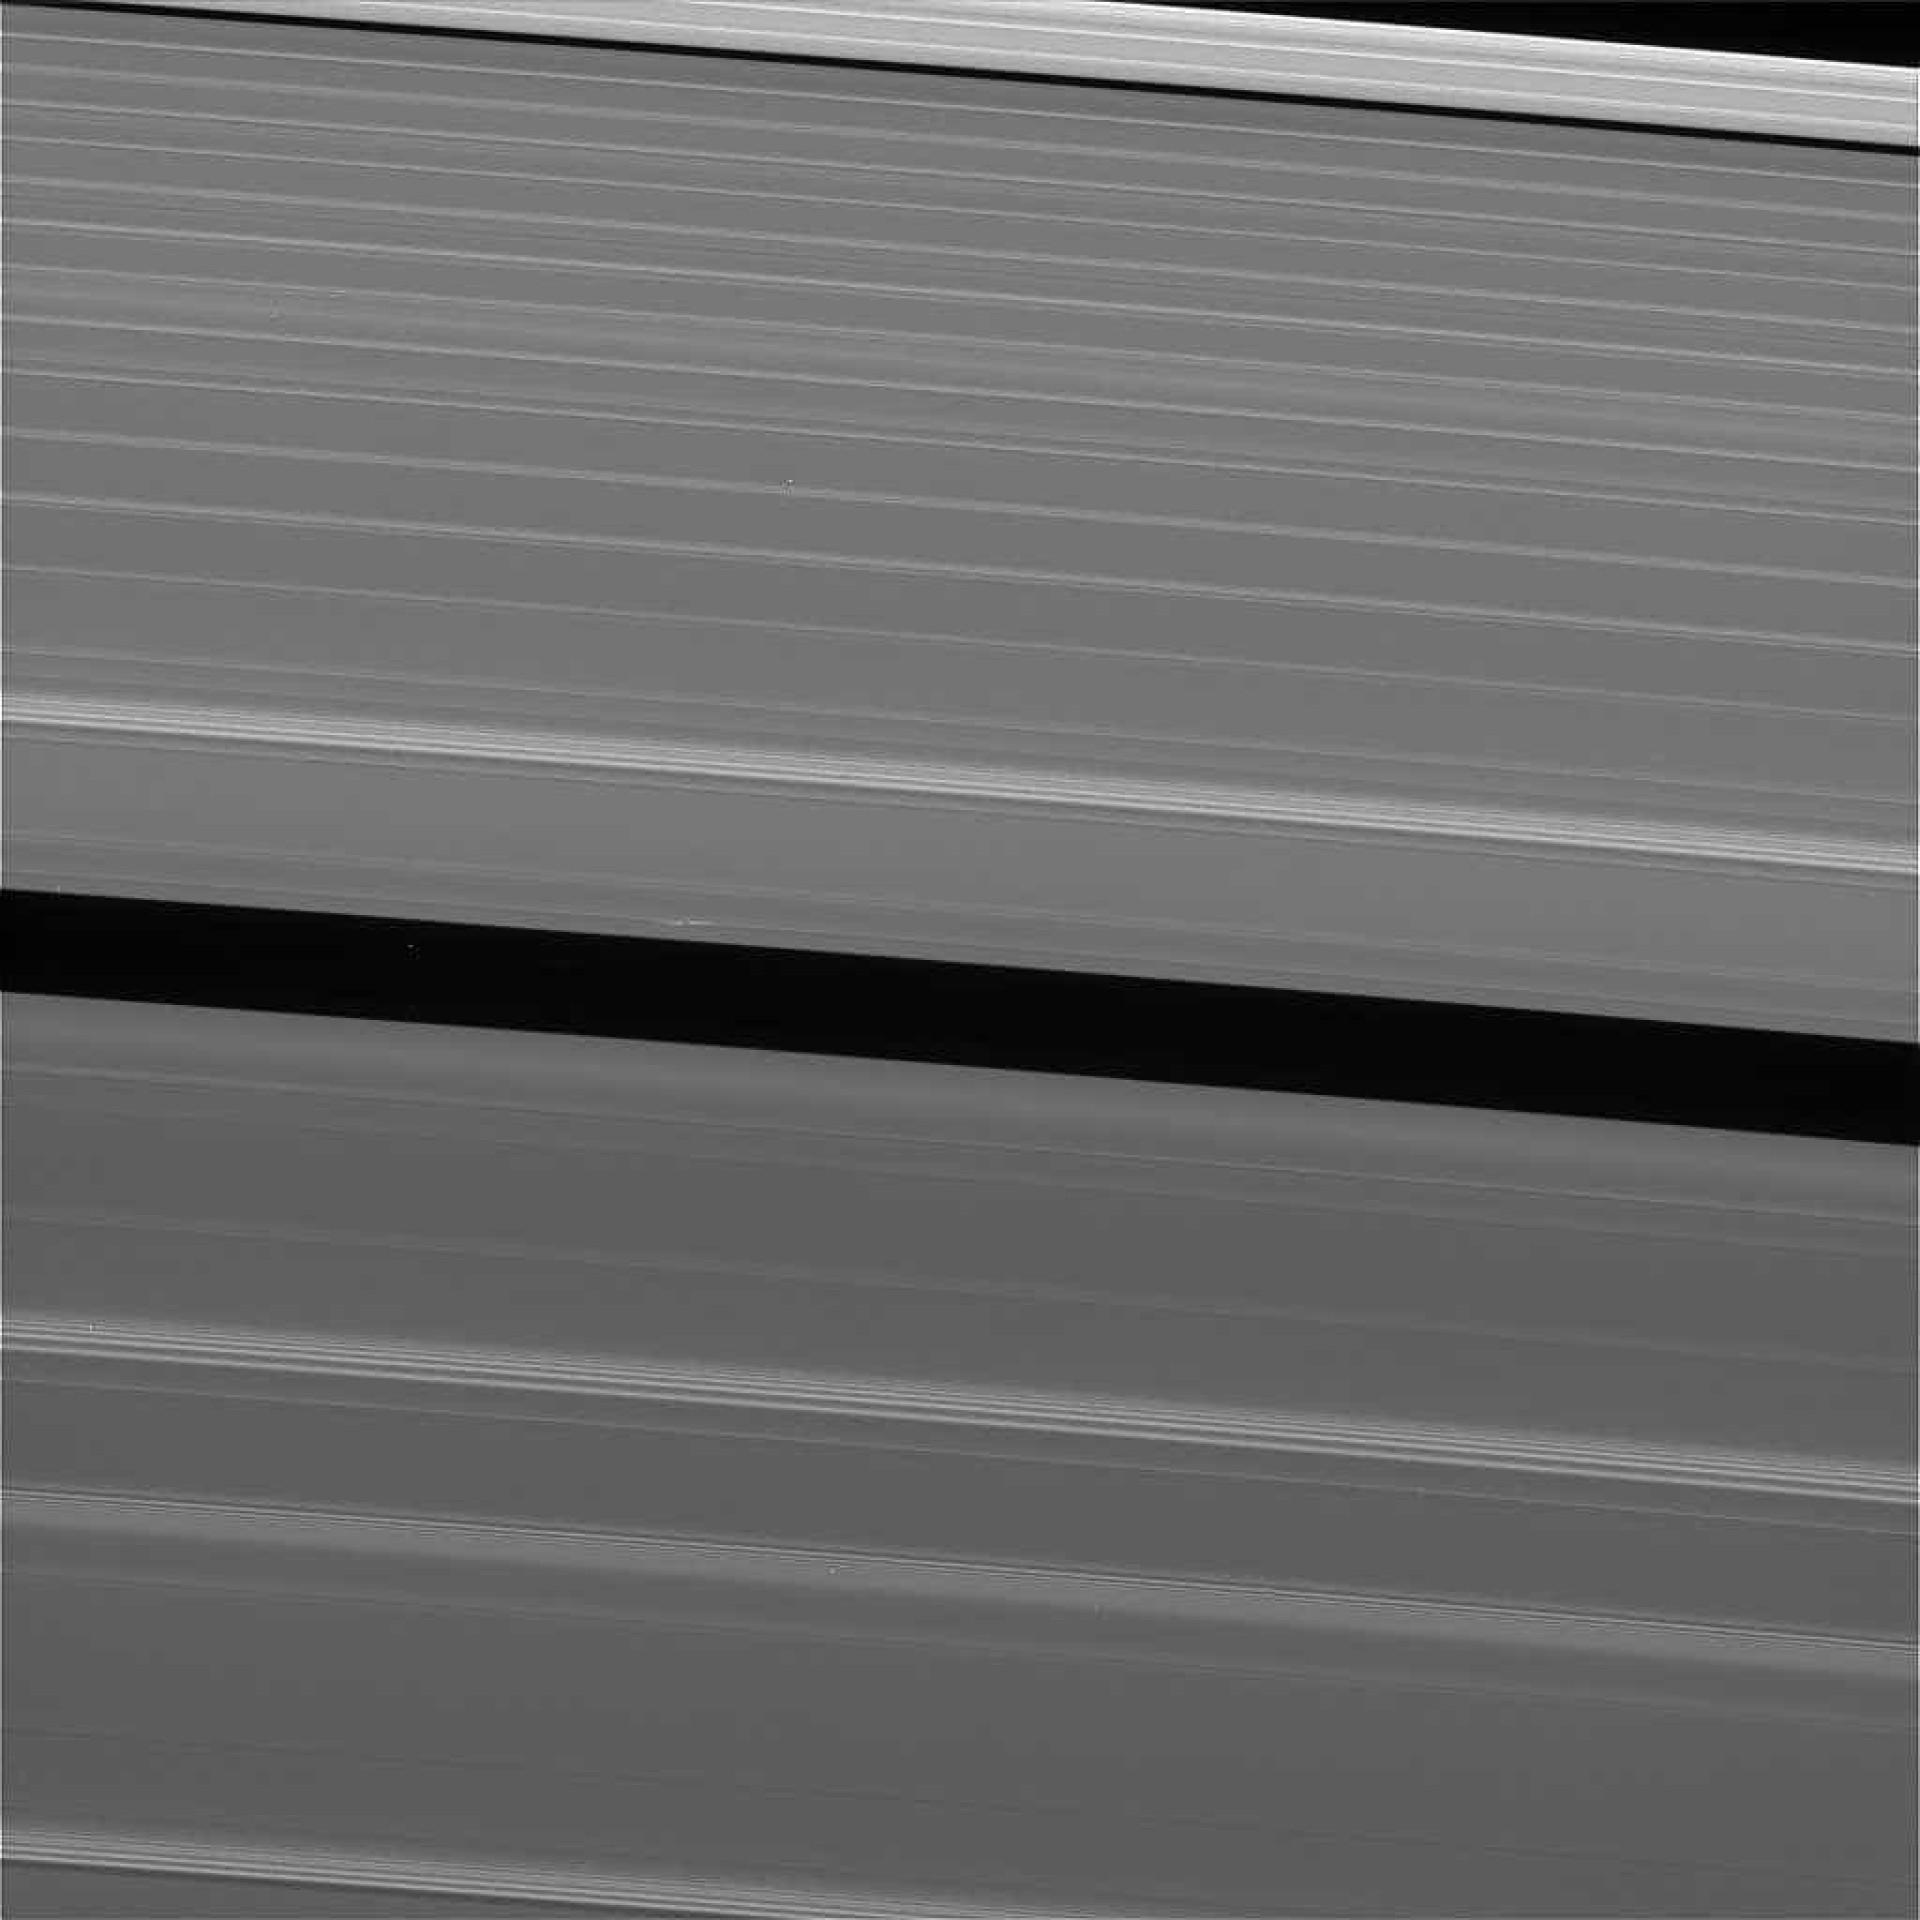 Estas foram as últimas imagens de Saturno captadas pela Cassini